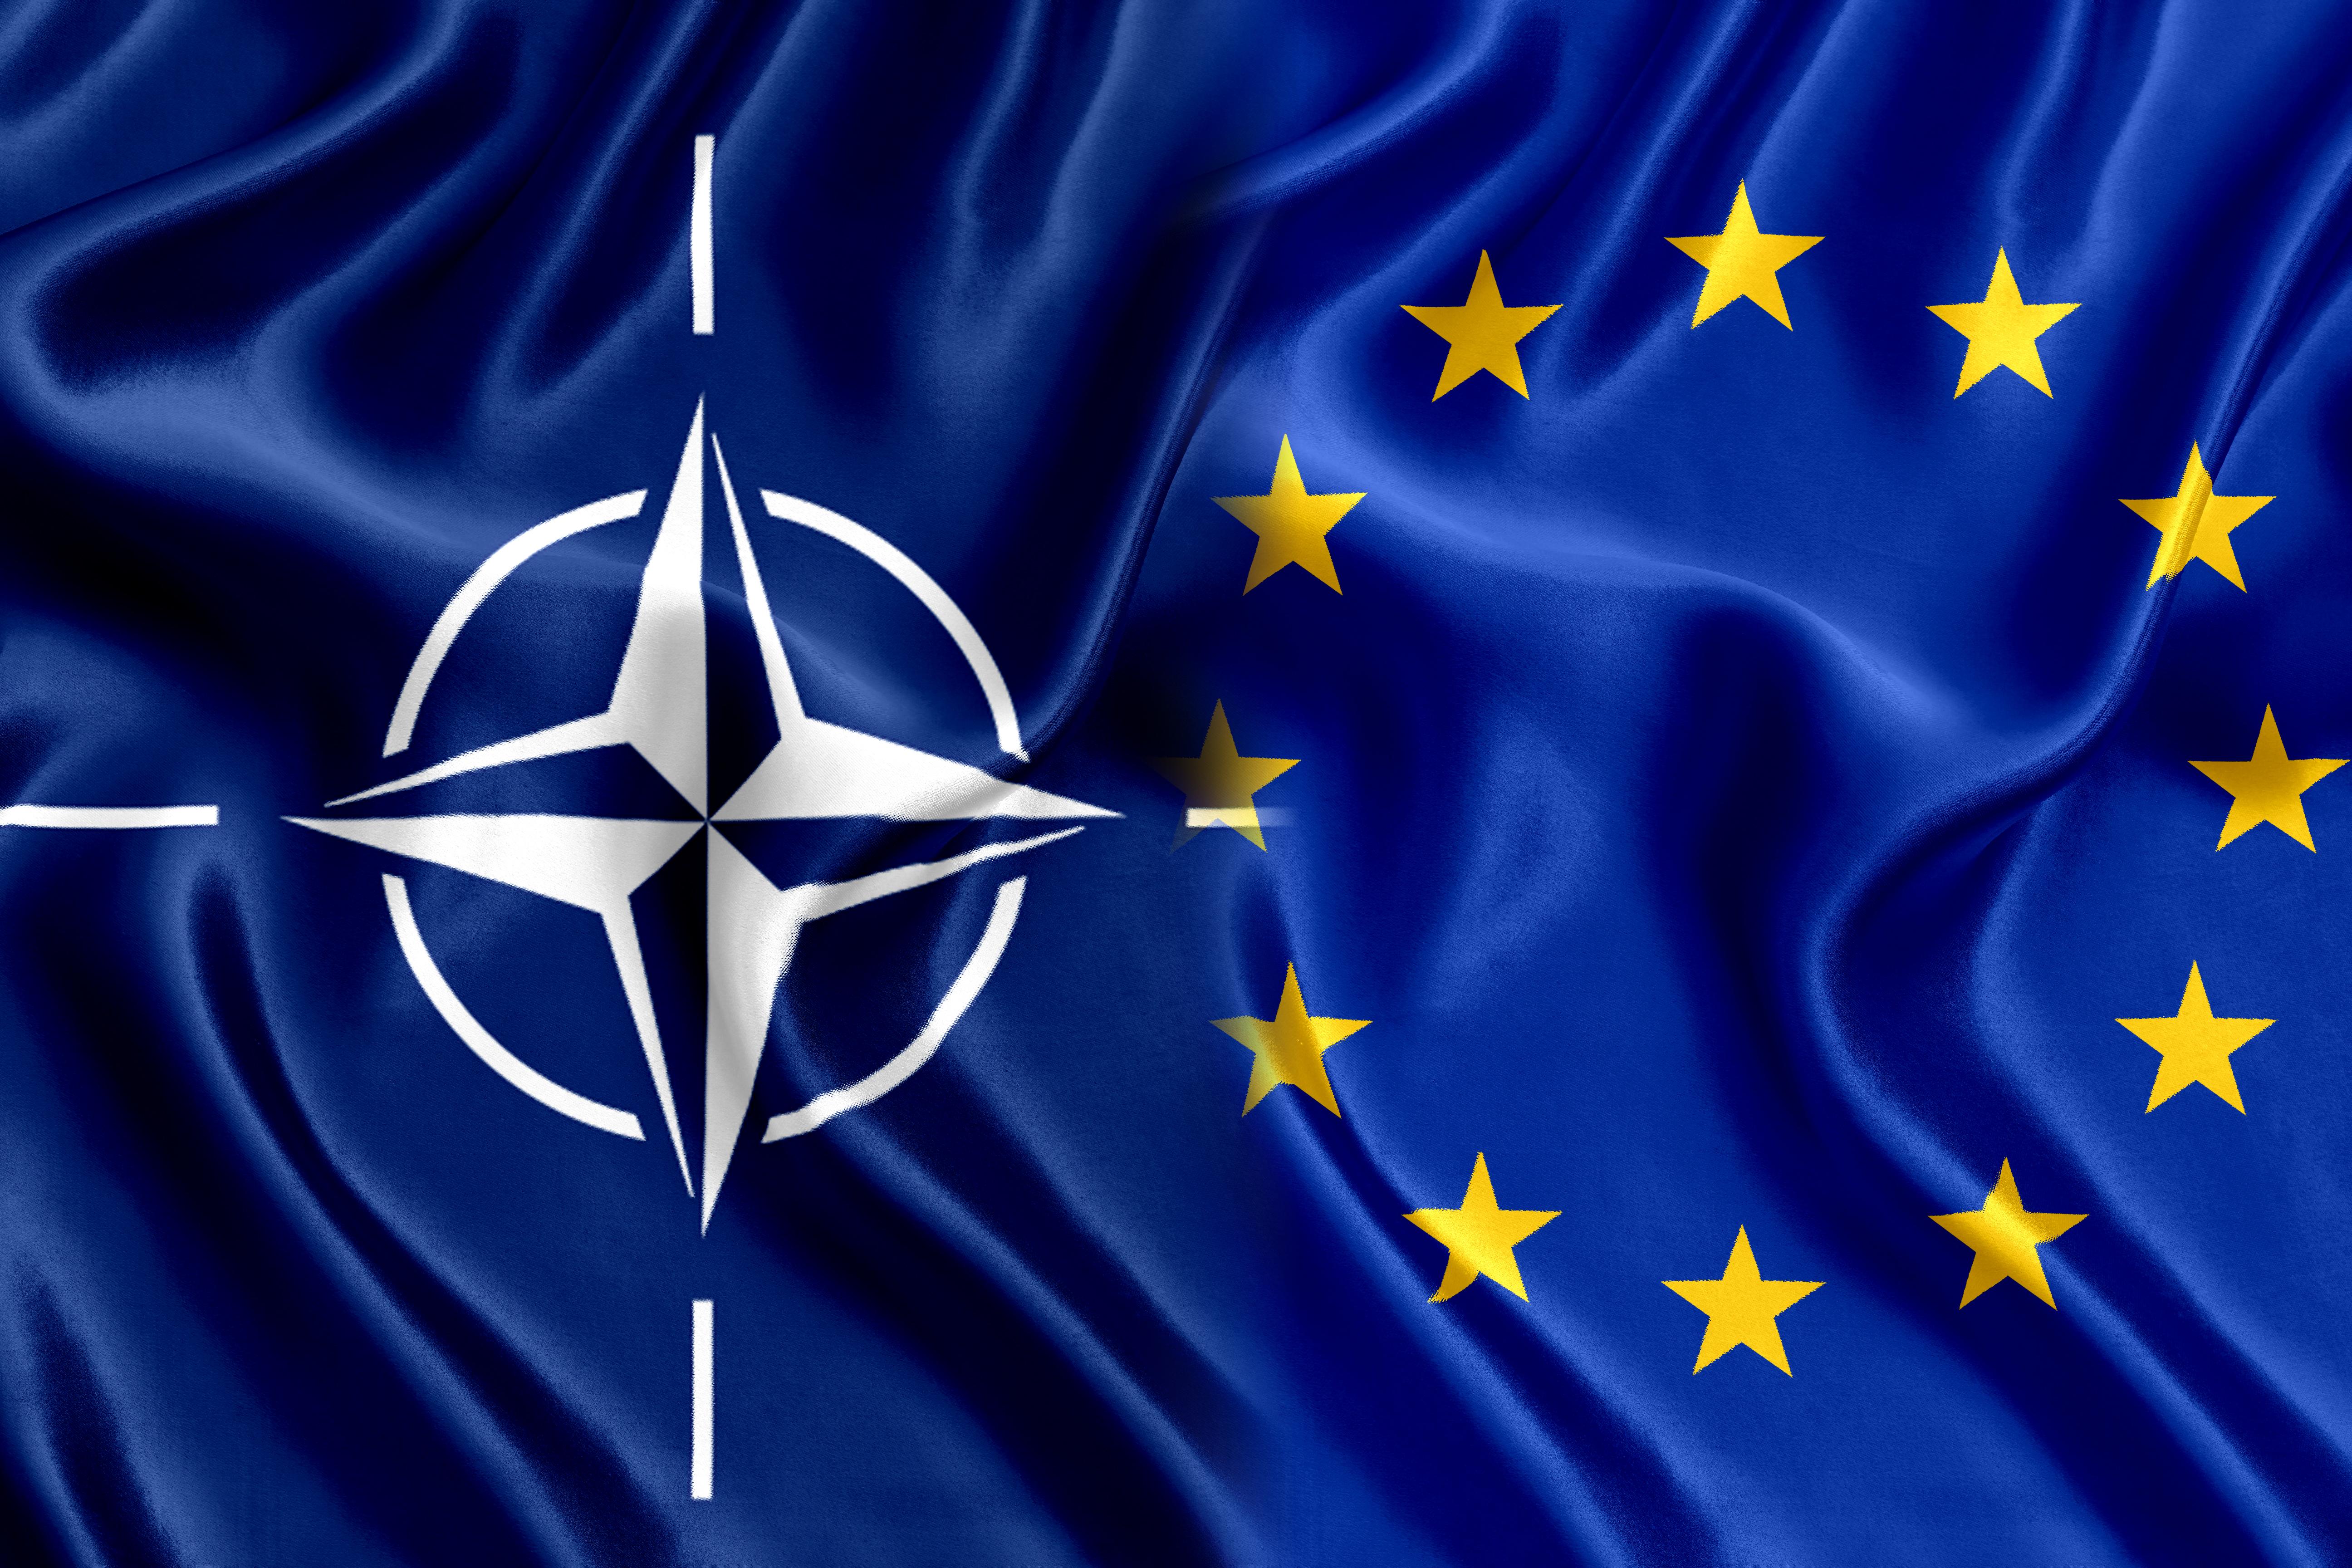 Ministru rus: Acţiunile SUA şi NATO în Europa contribuie la creşterea ameninţării militare